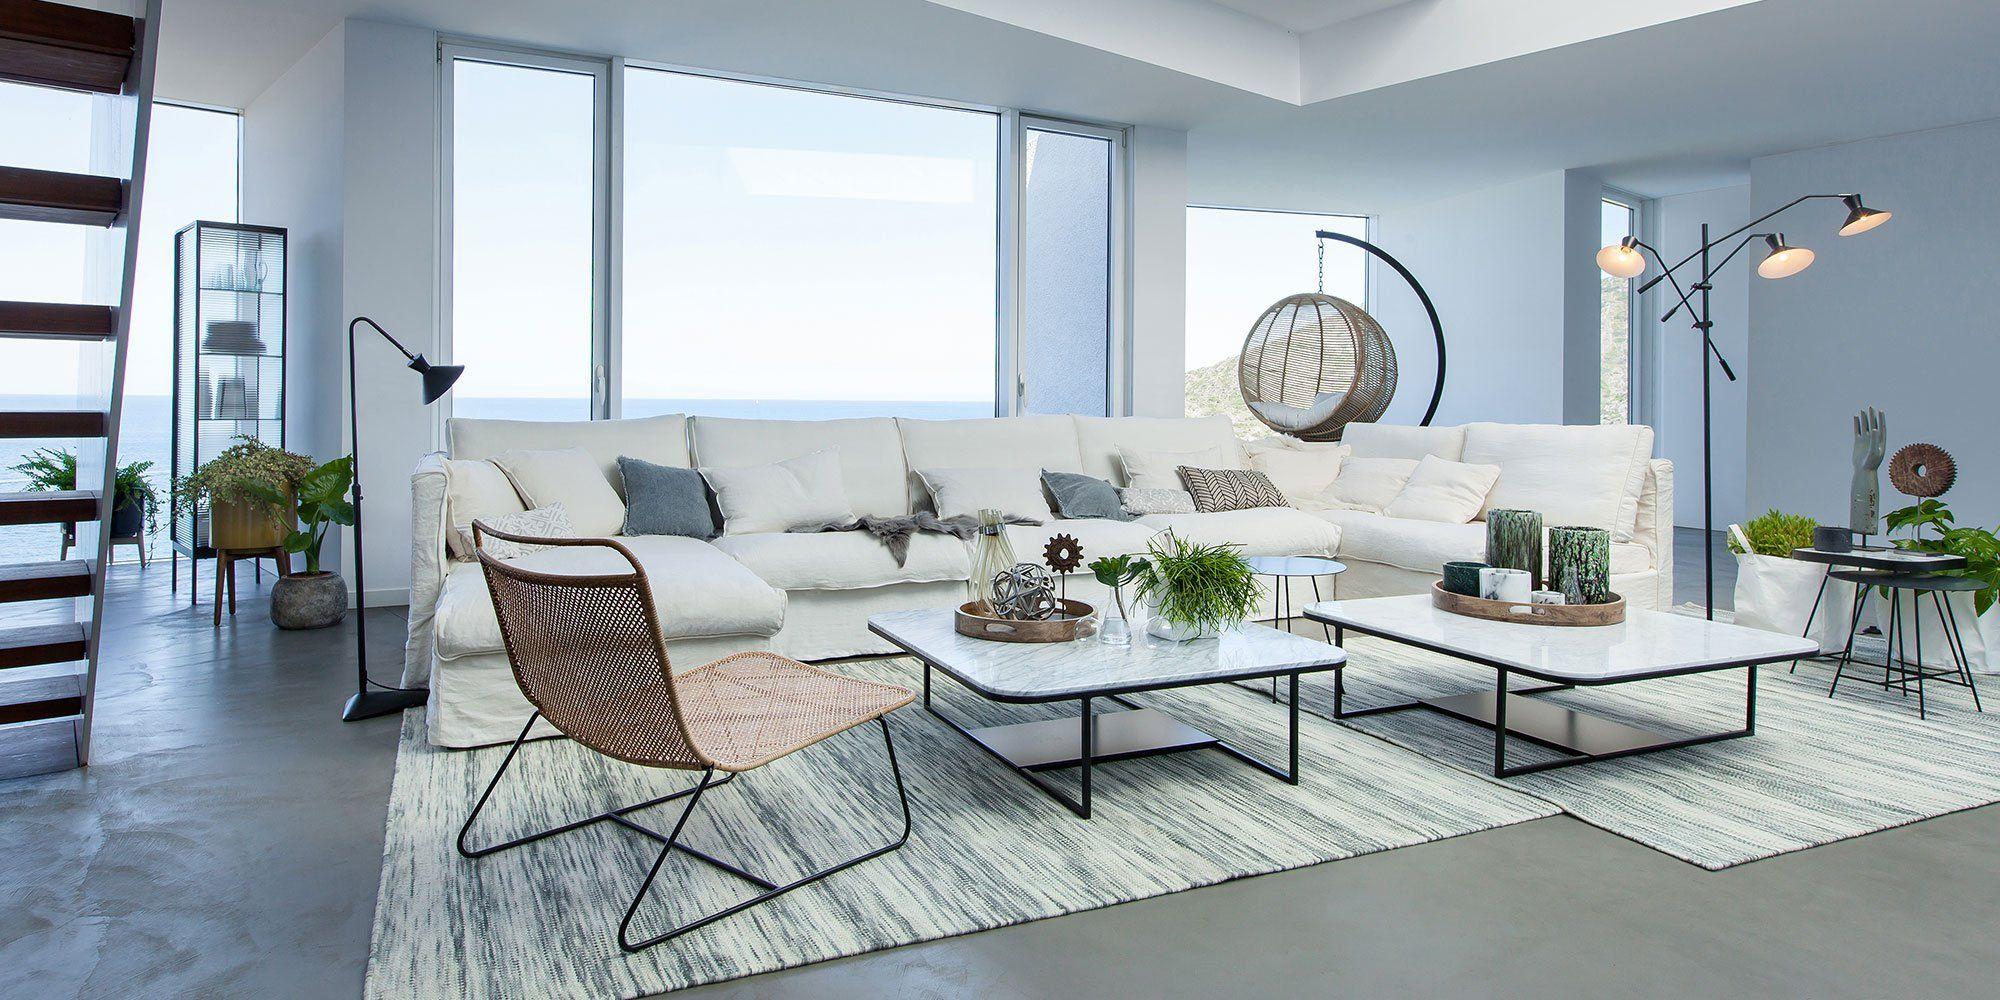 salon dans les teintes de blancs avec un canap d 39 angle. Black Bedroom Furniture Sets. Home Design Ideas